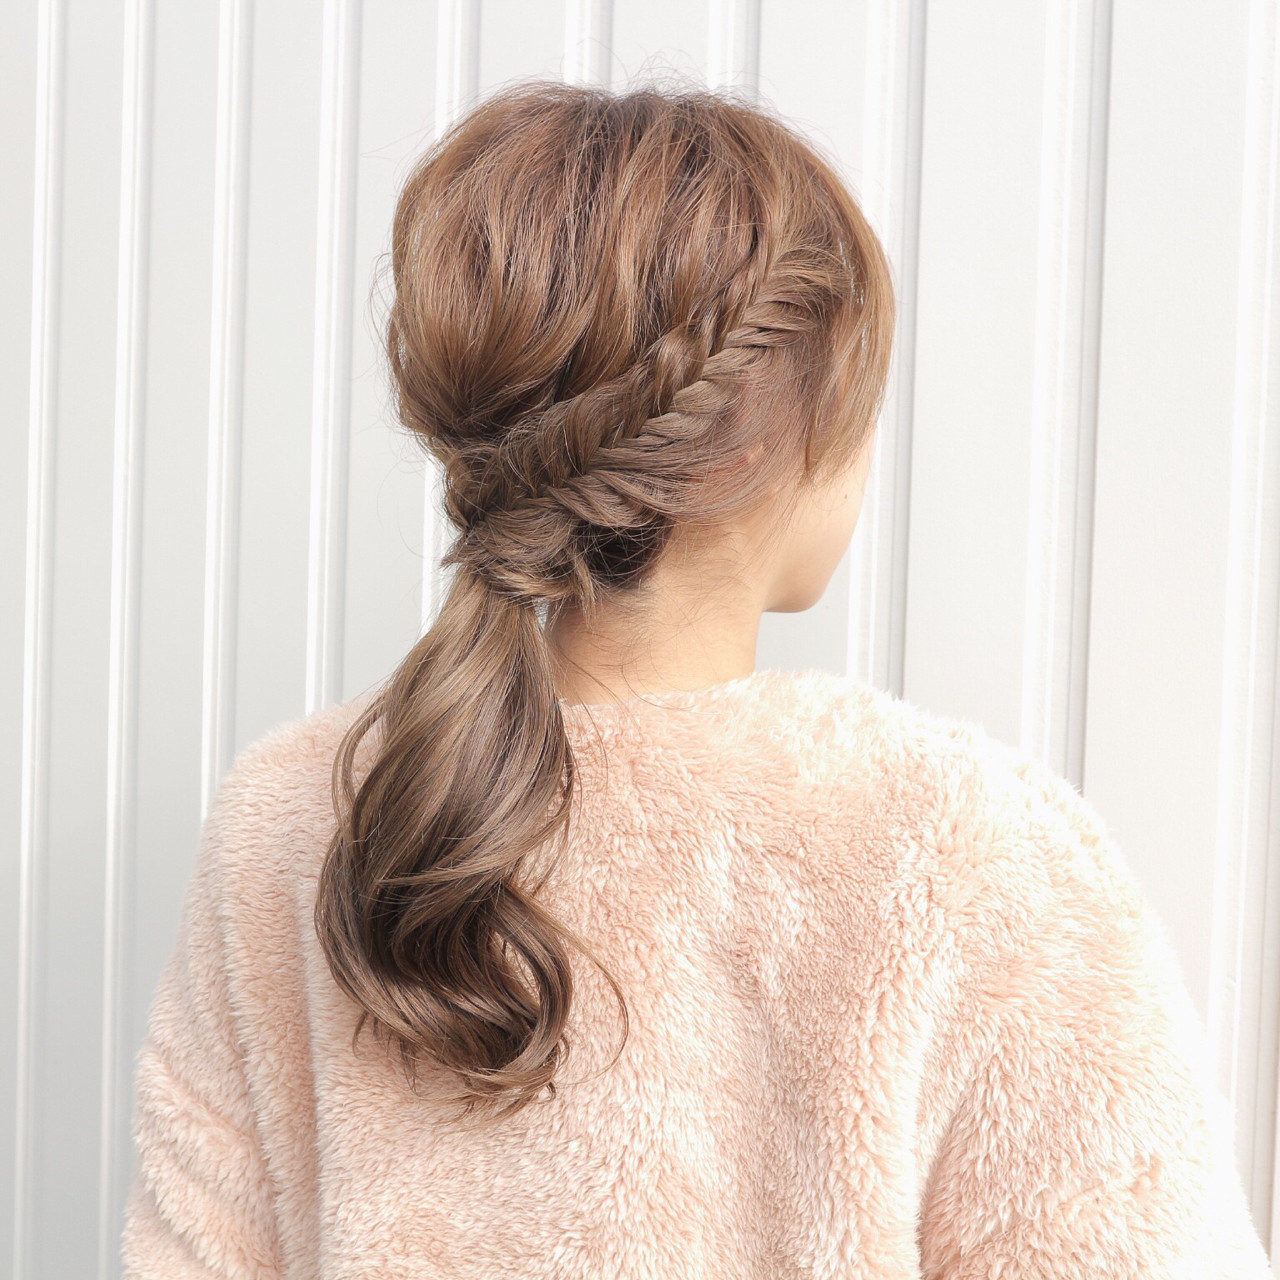 ゆるふわ セミロング 大人女子 フィッシュボーン ヘアスタイルや髪型の写真・画像